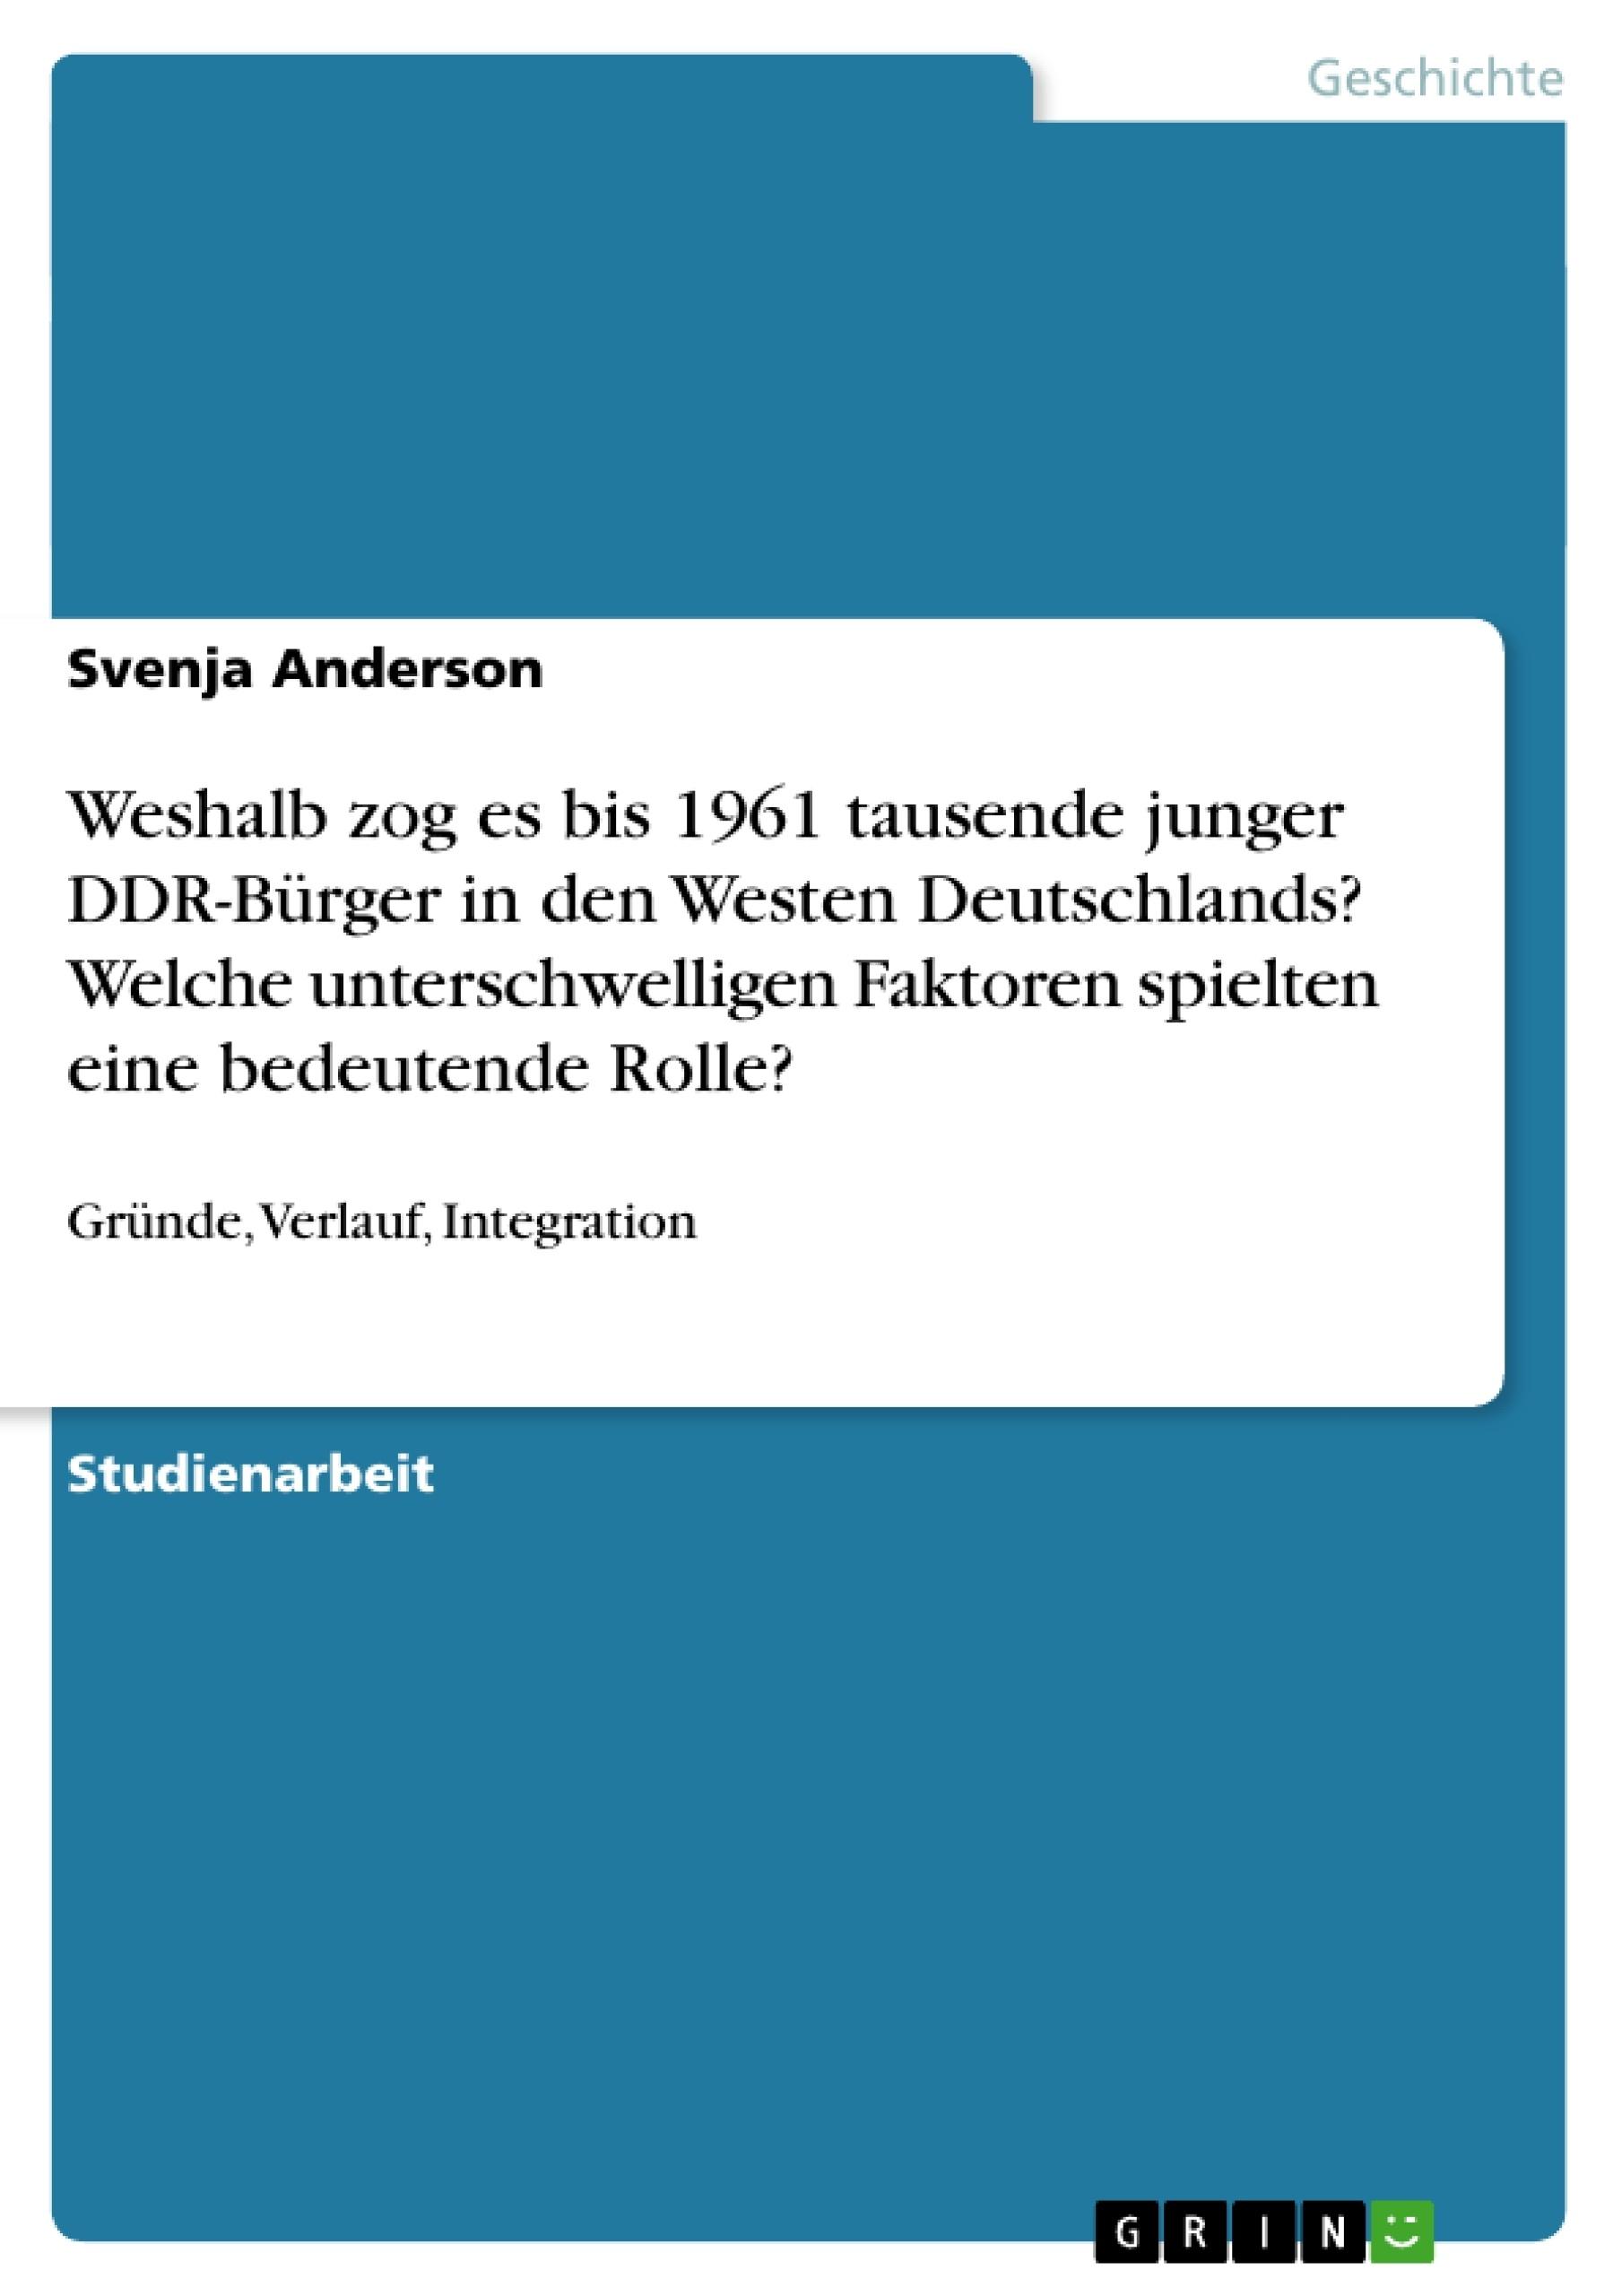 Titel: Weshalb zog es bis 1961 tausende junger DDR-Bürger in den Westen Deutschlands? Welche unterschwelligen Faktoren spielten eine bedeutende Rolle?